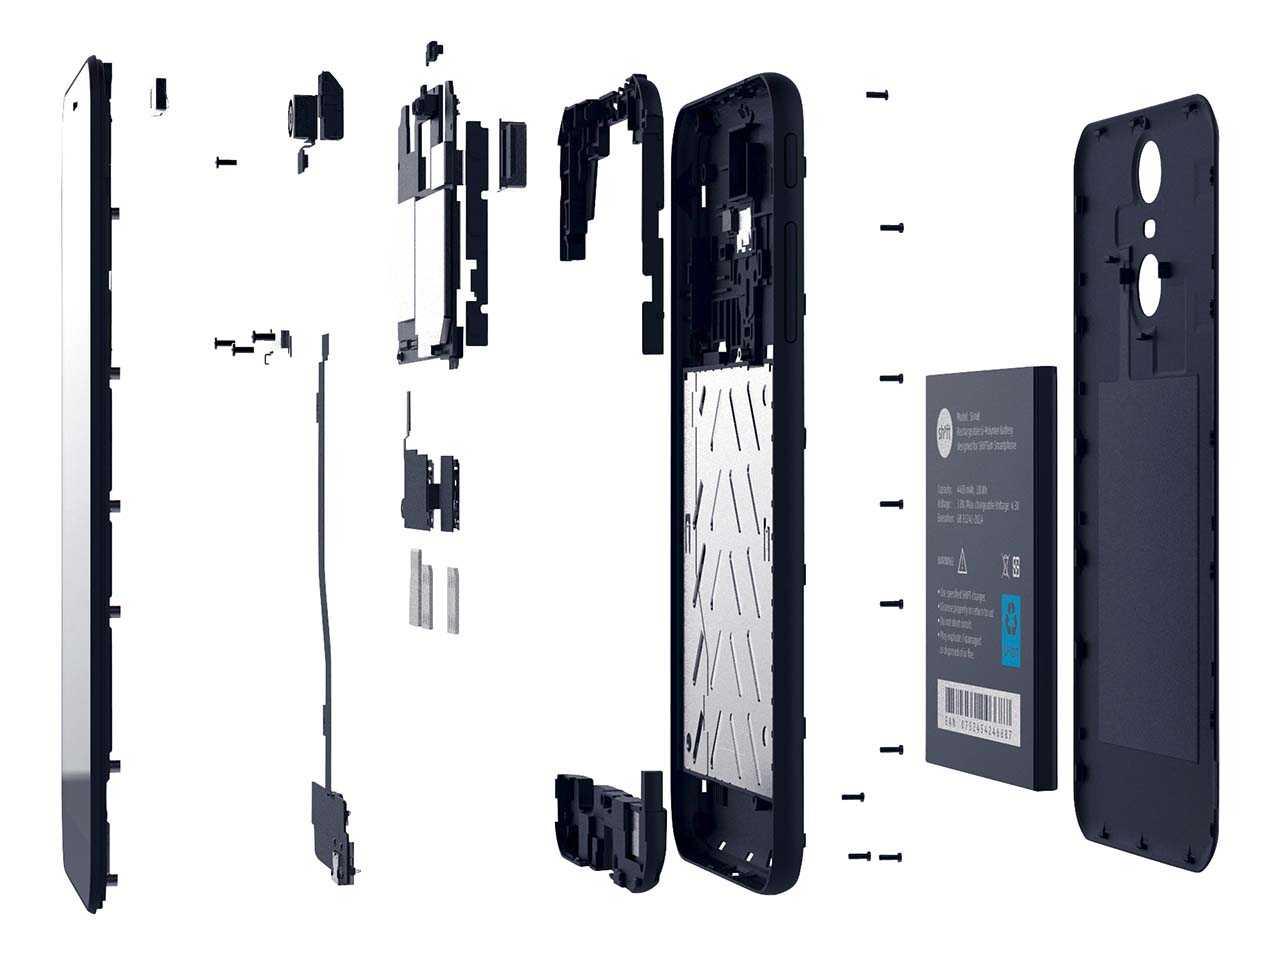 Самые ремонтопригодные смартфоны, которые можно купить в 2020 году